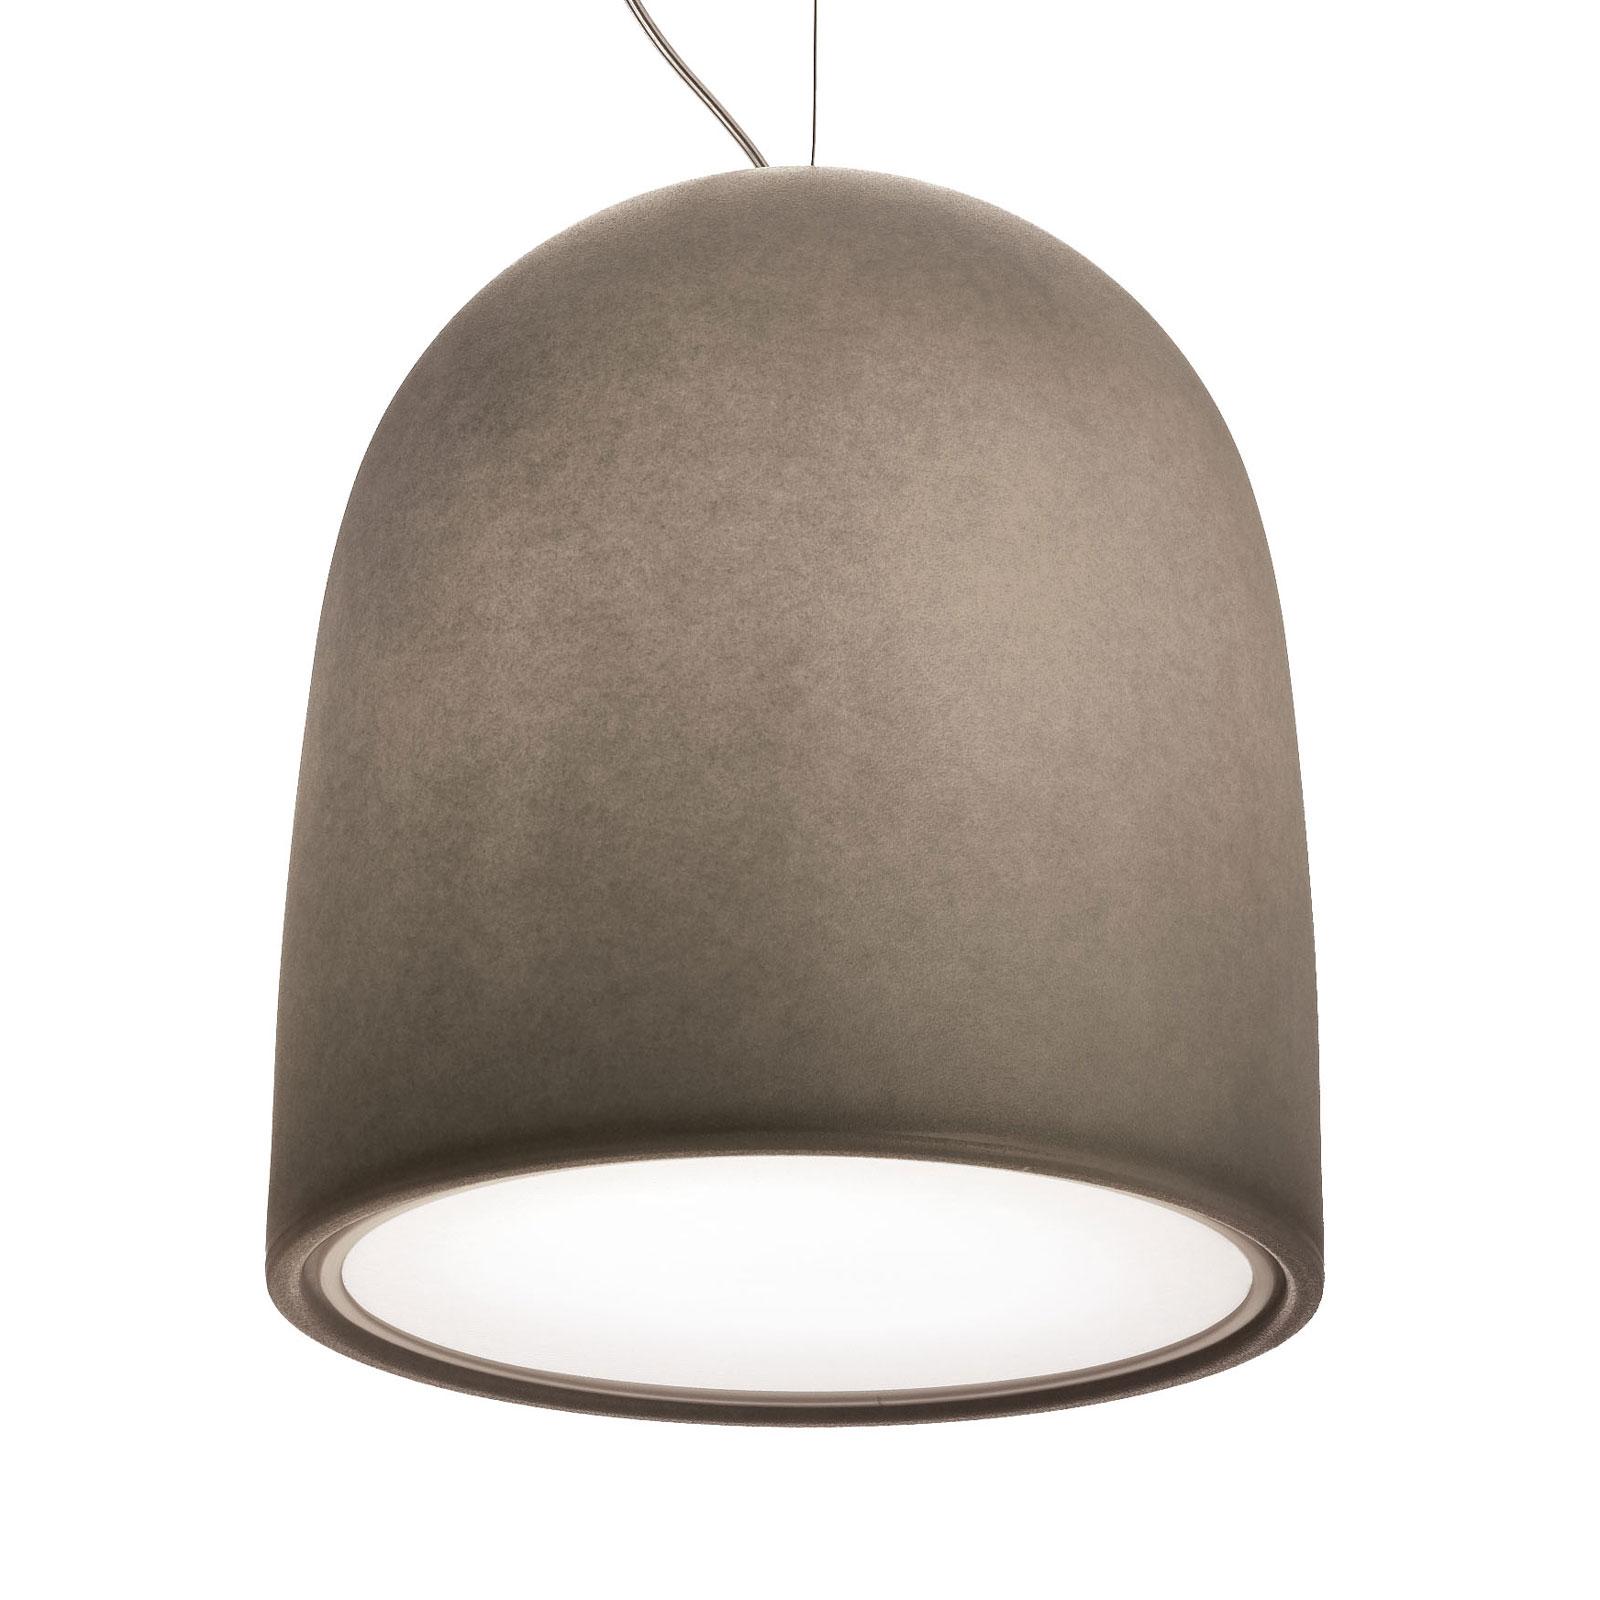 Modo Luce Campanone pendellampe Ø 51 cm mørkegrå